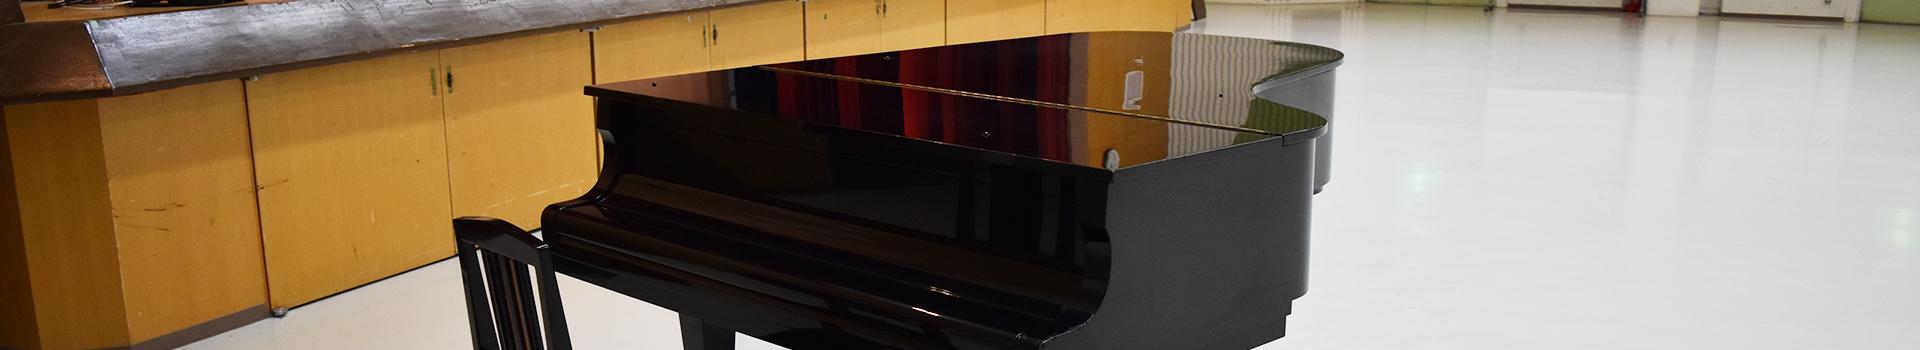 大阪市立 淀川区民センター・ホール/ピアノ